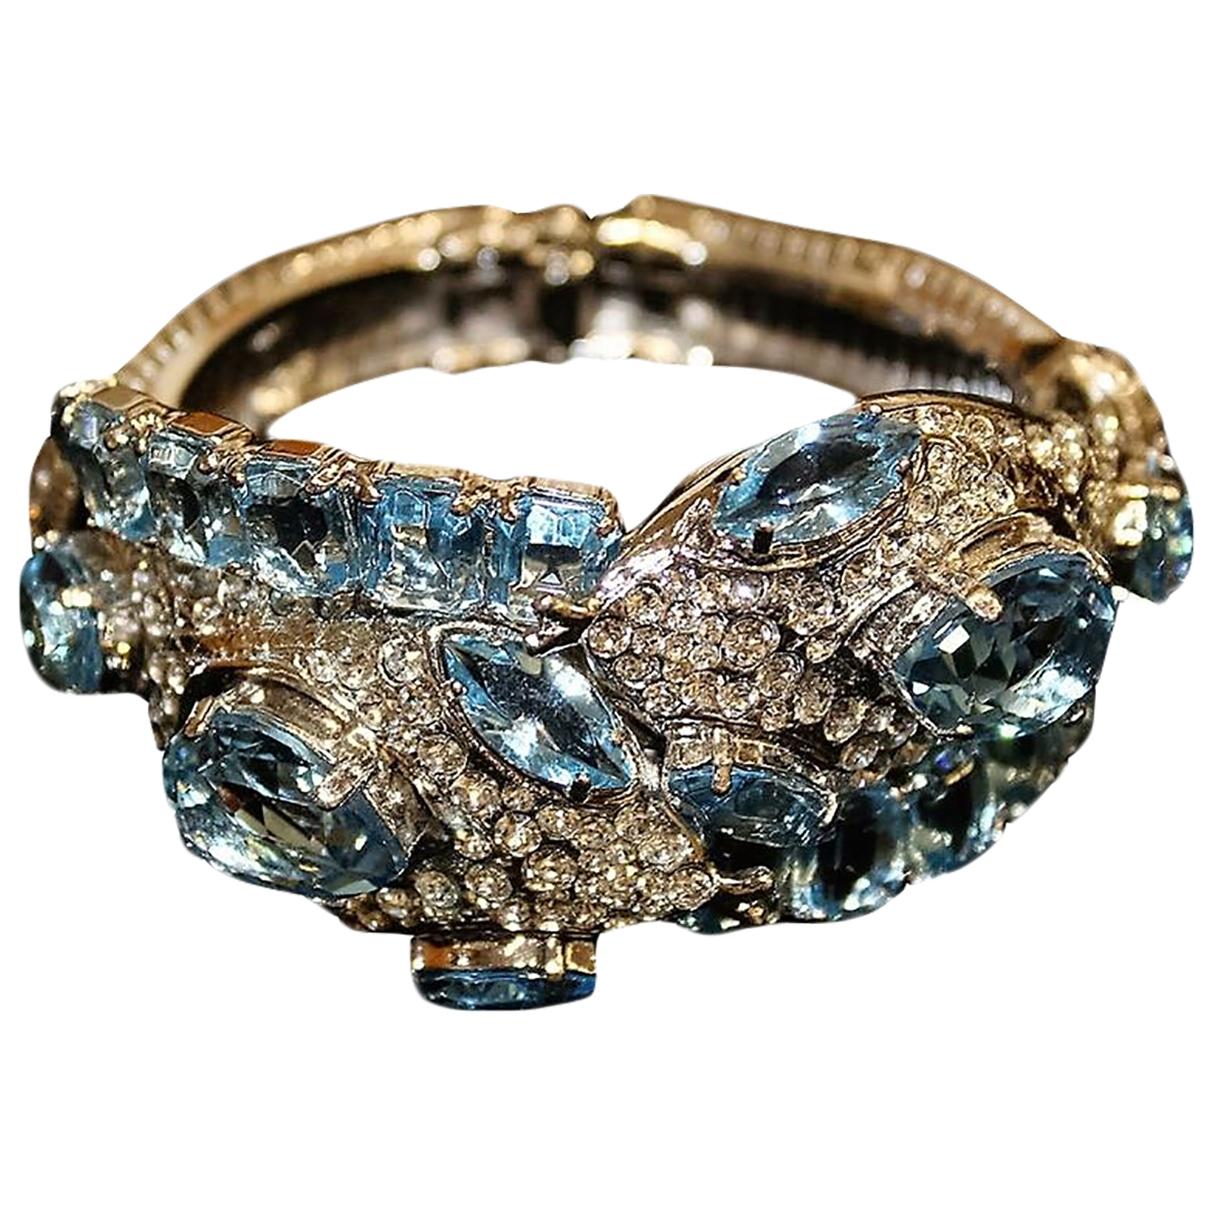 Carlo Zini \N Armband in  Bunt Metall